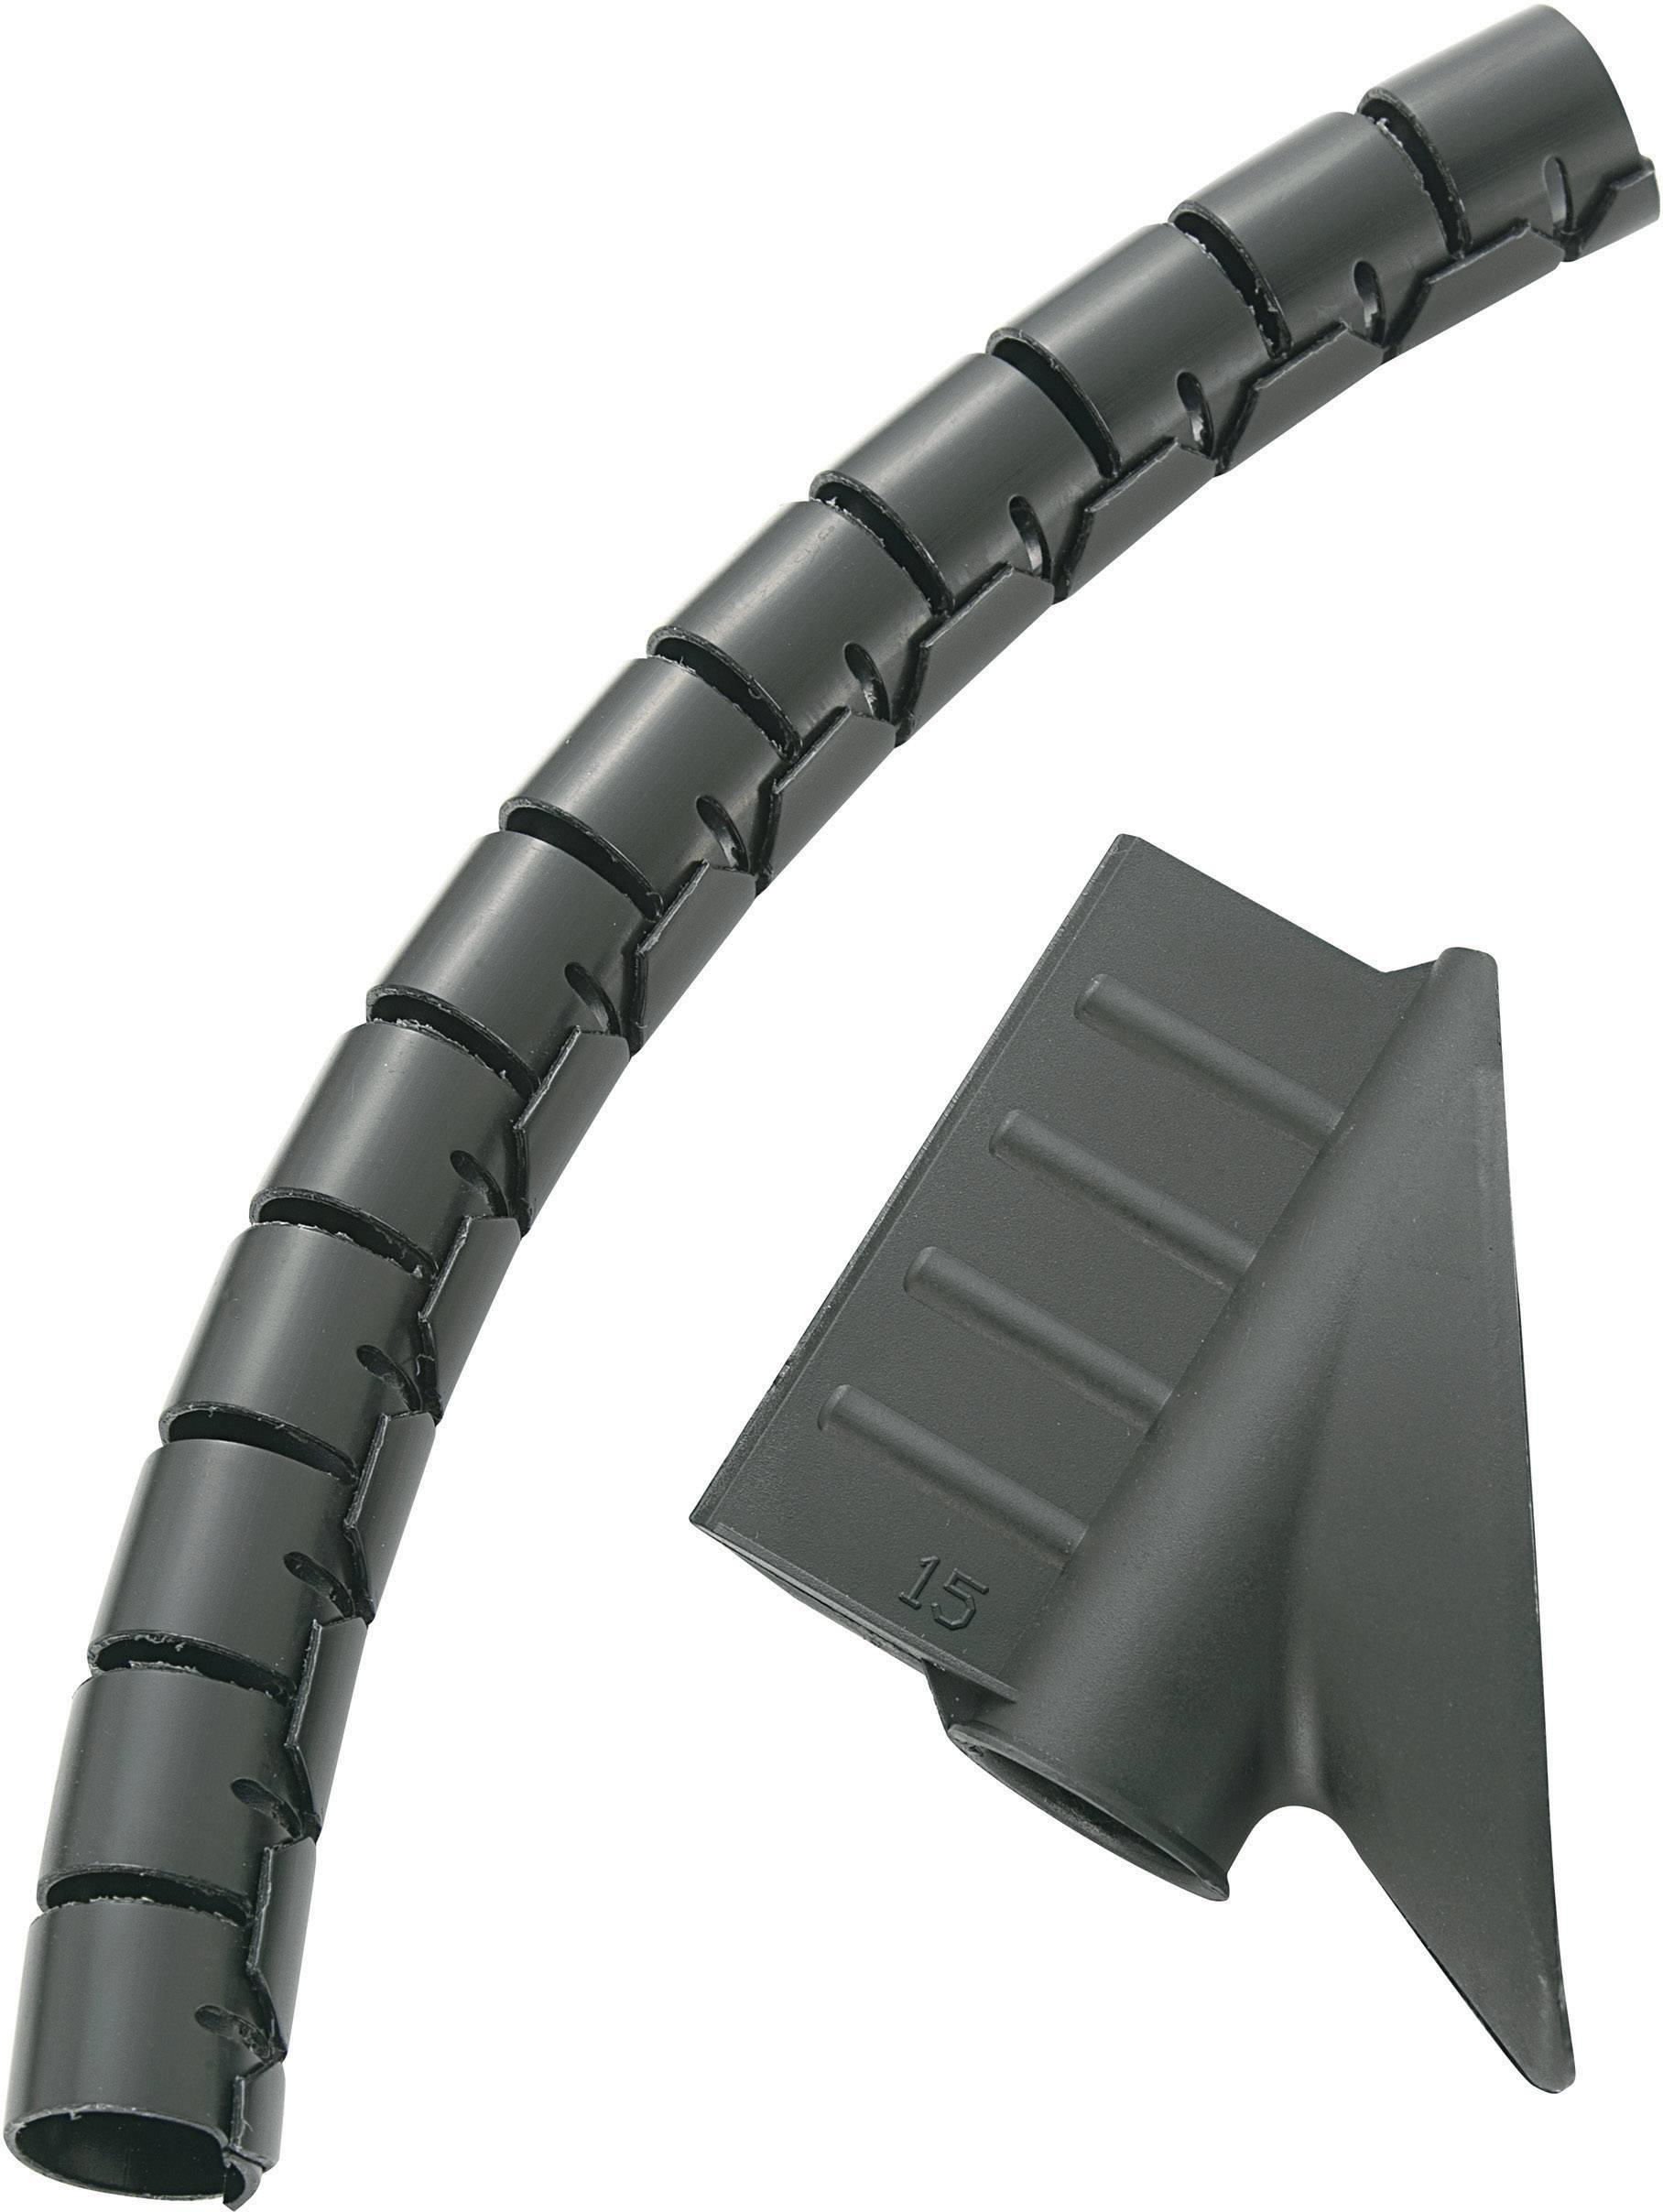 Káblový oplet KSS MX-KLT15BK, 15 mm (max), 5 m, čierna